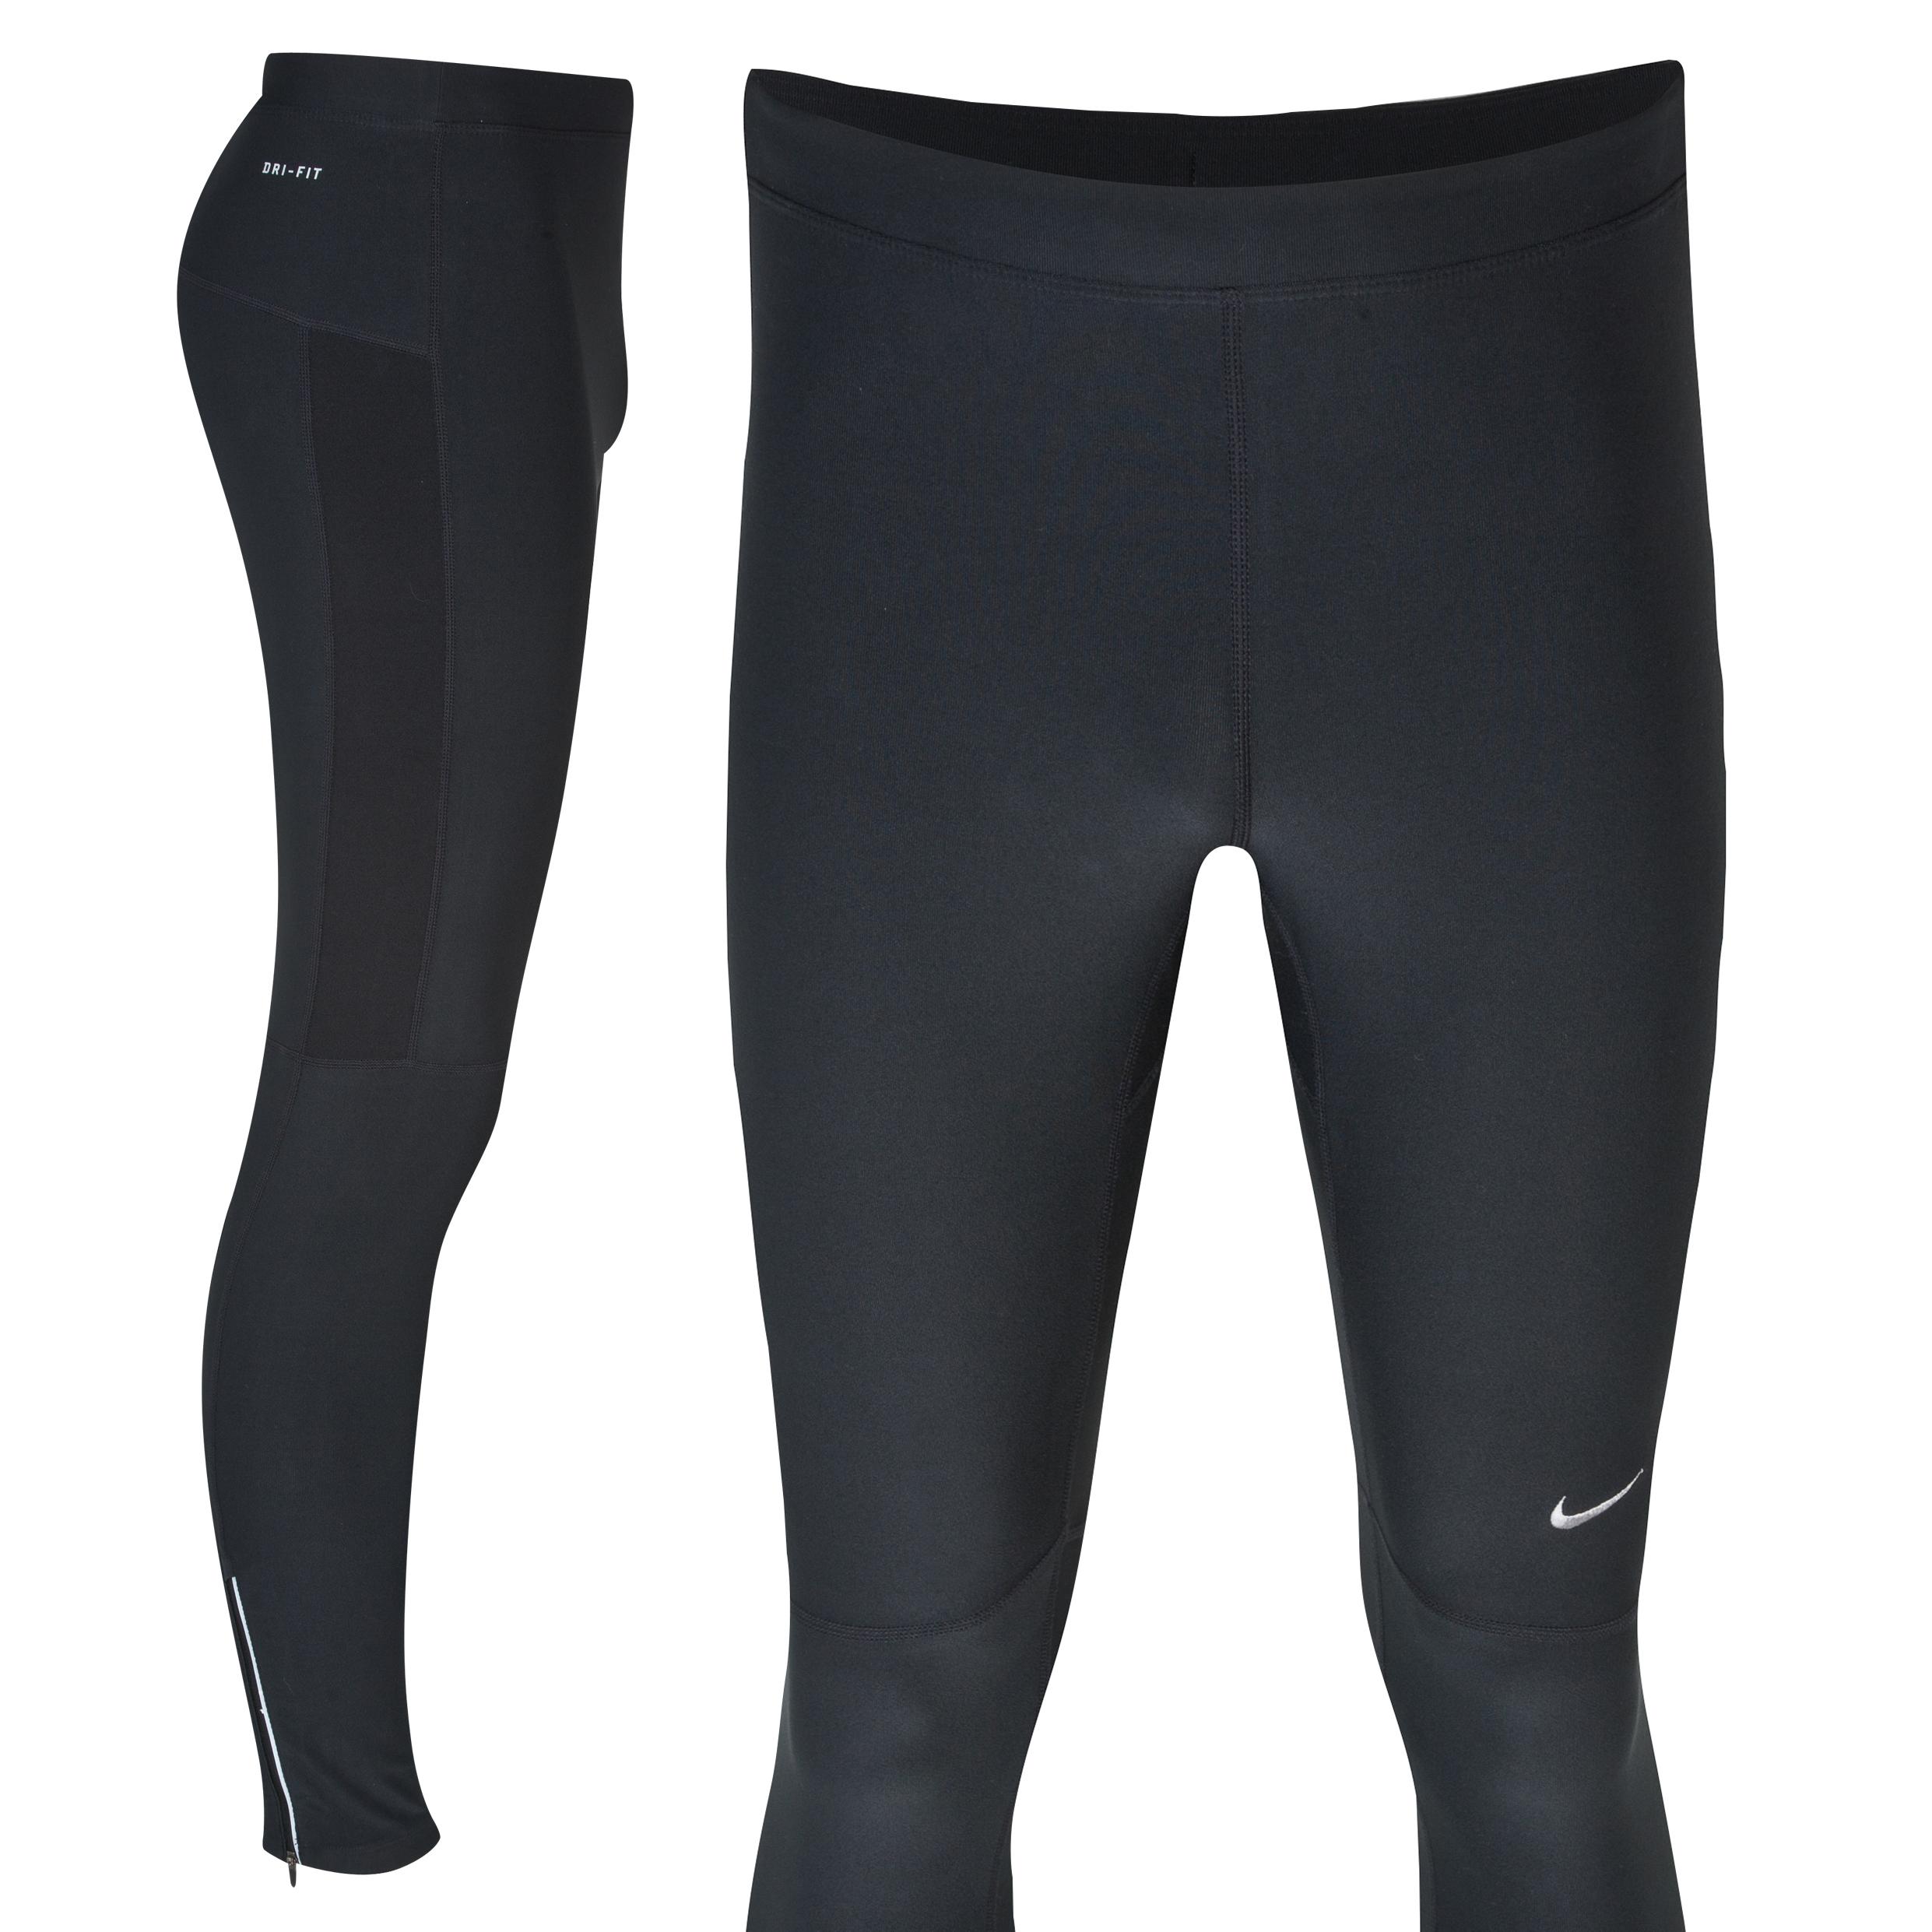 Nike Filament Tight - Black/Black